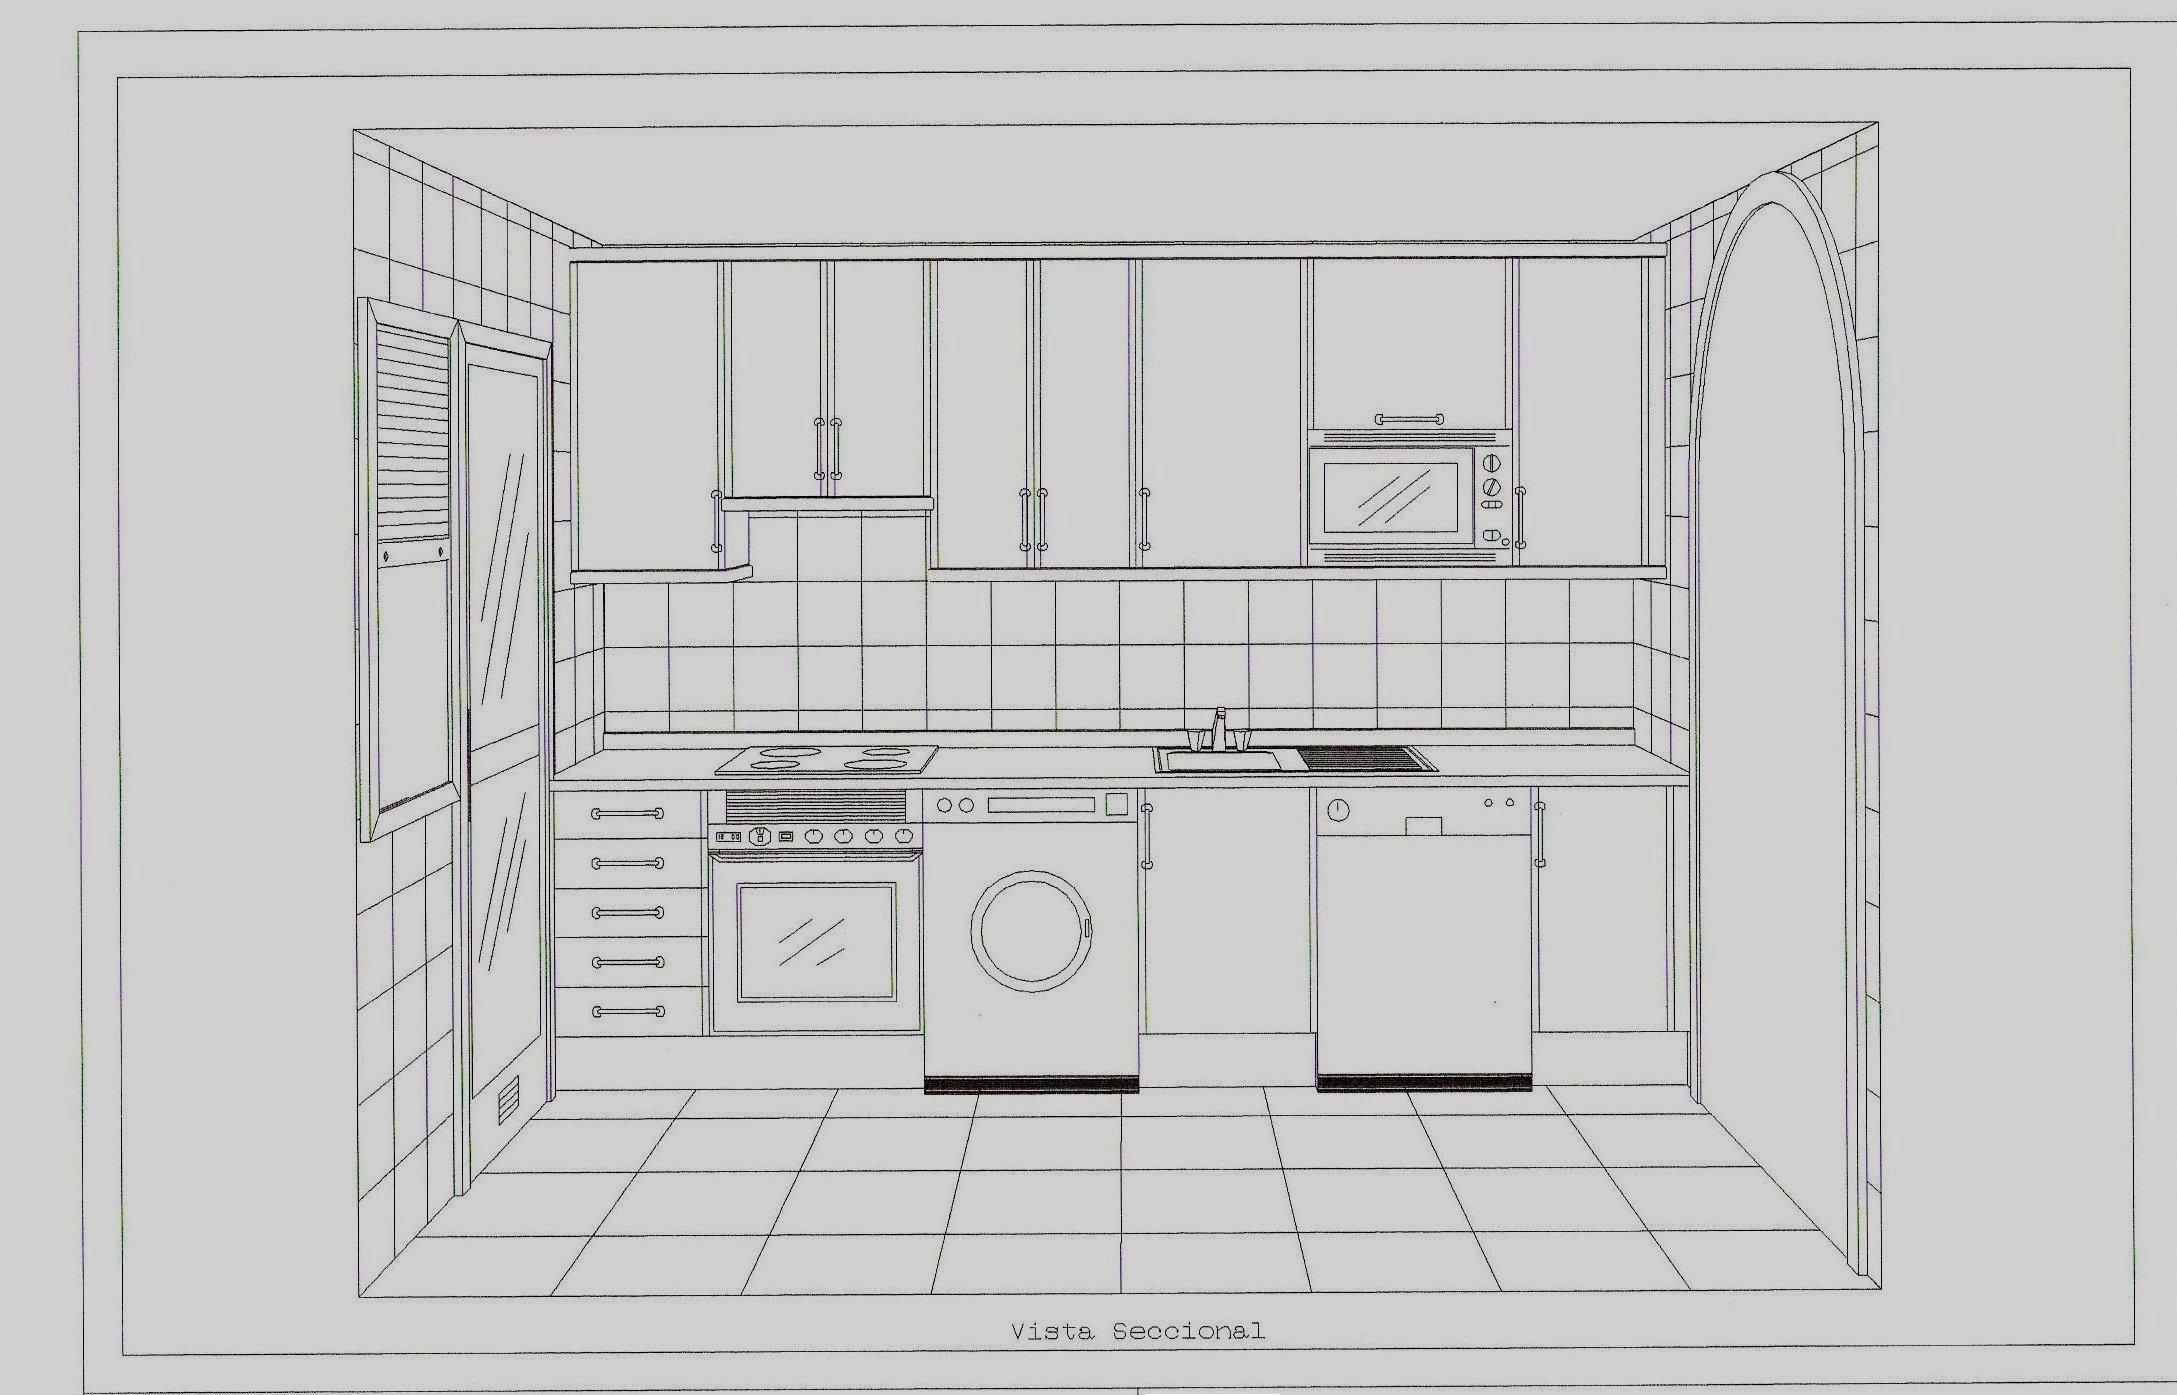 Ensanche vallecas emv 14 documento plano 1 cocina 1 for Planos para barra de cocina